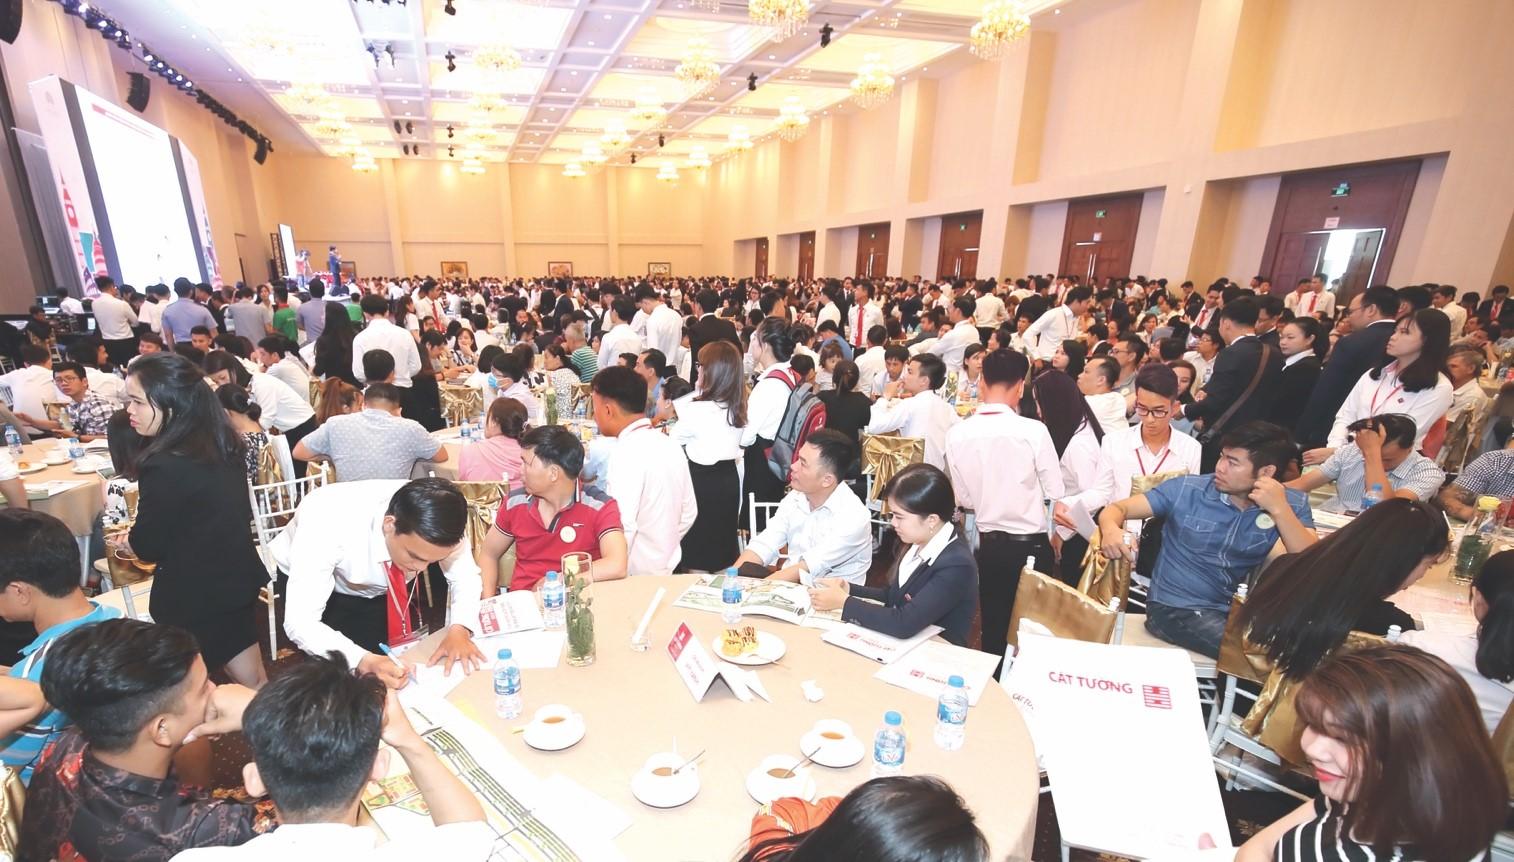 Tập đoàn Địa ốc Cát Tường mở bán đợt 2 dự án Cát Tường Phú Hưng 1